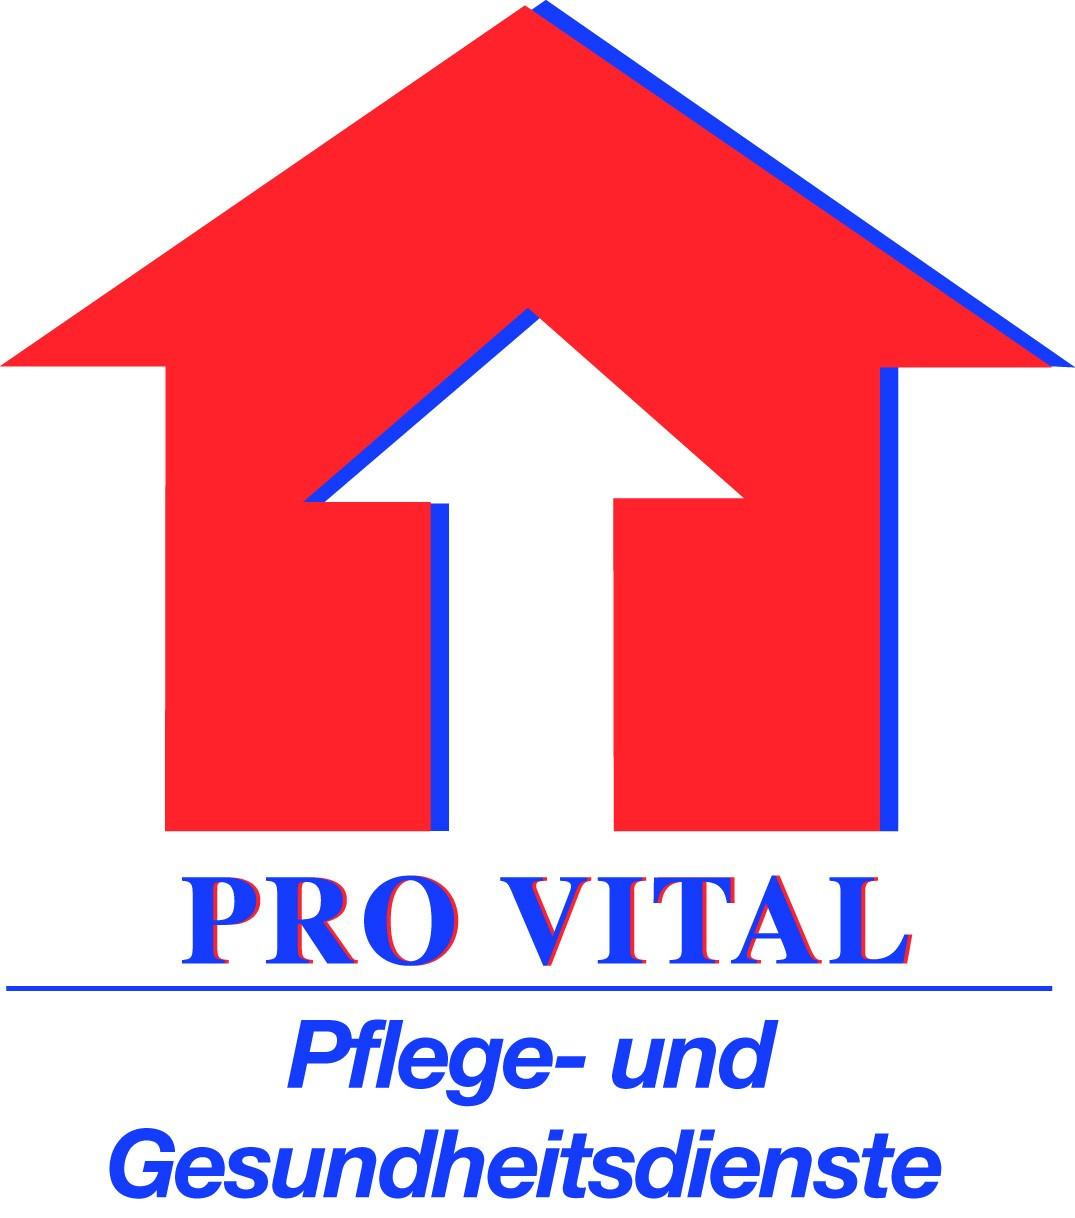 Atemberaubend Einheitliche Richtlinienvorlage Ideen - Entry Level ...